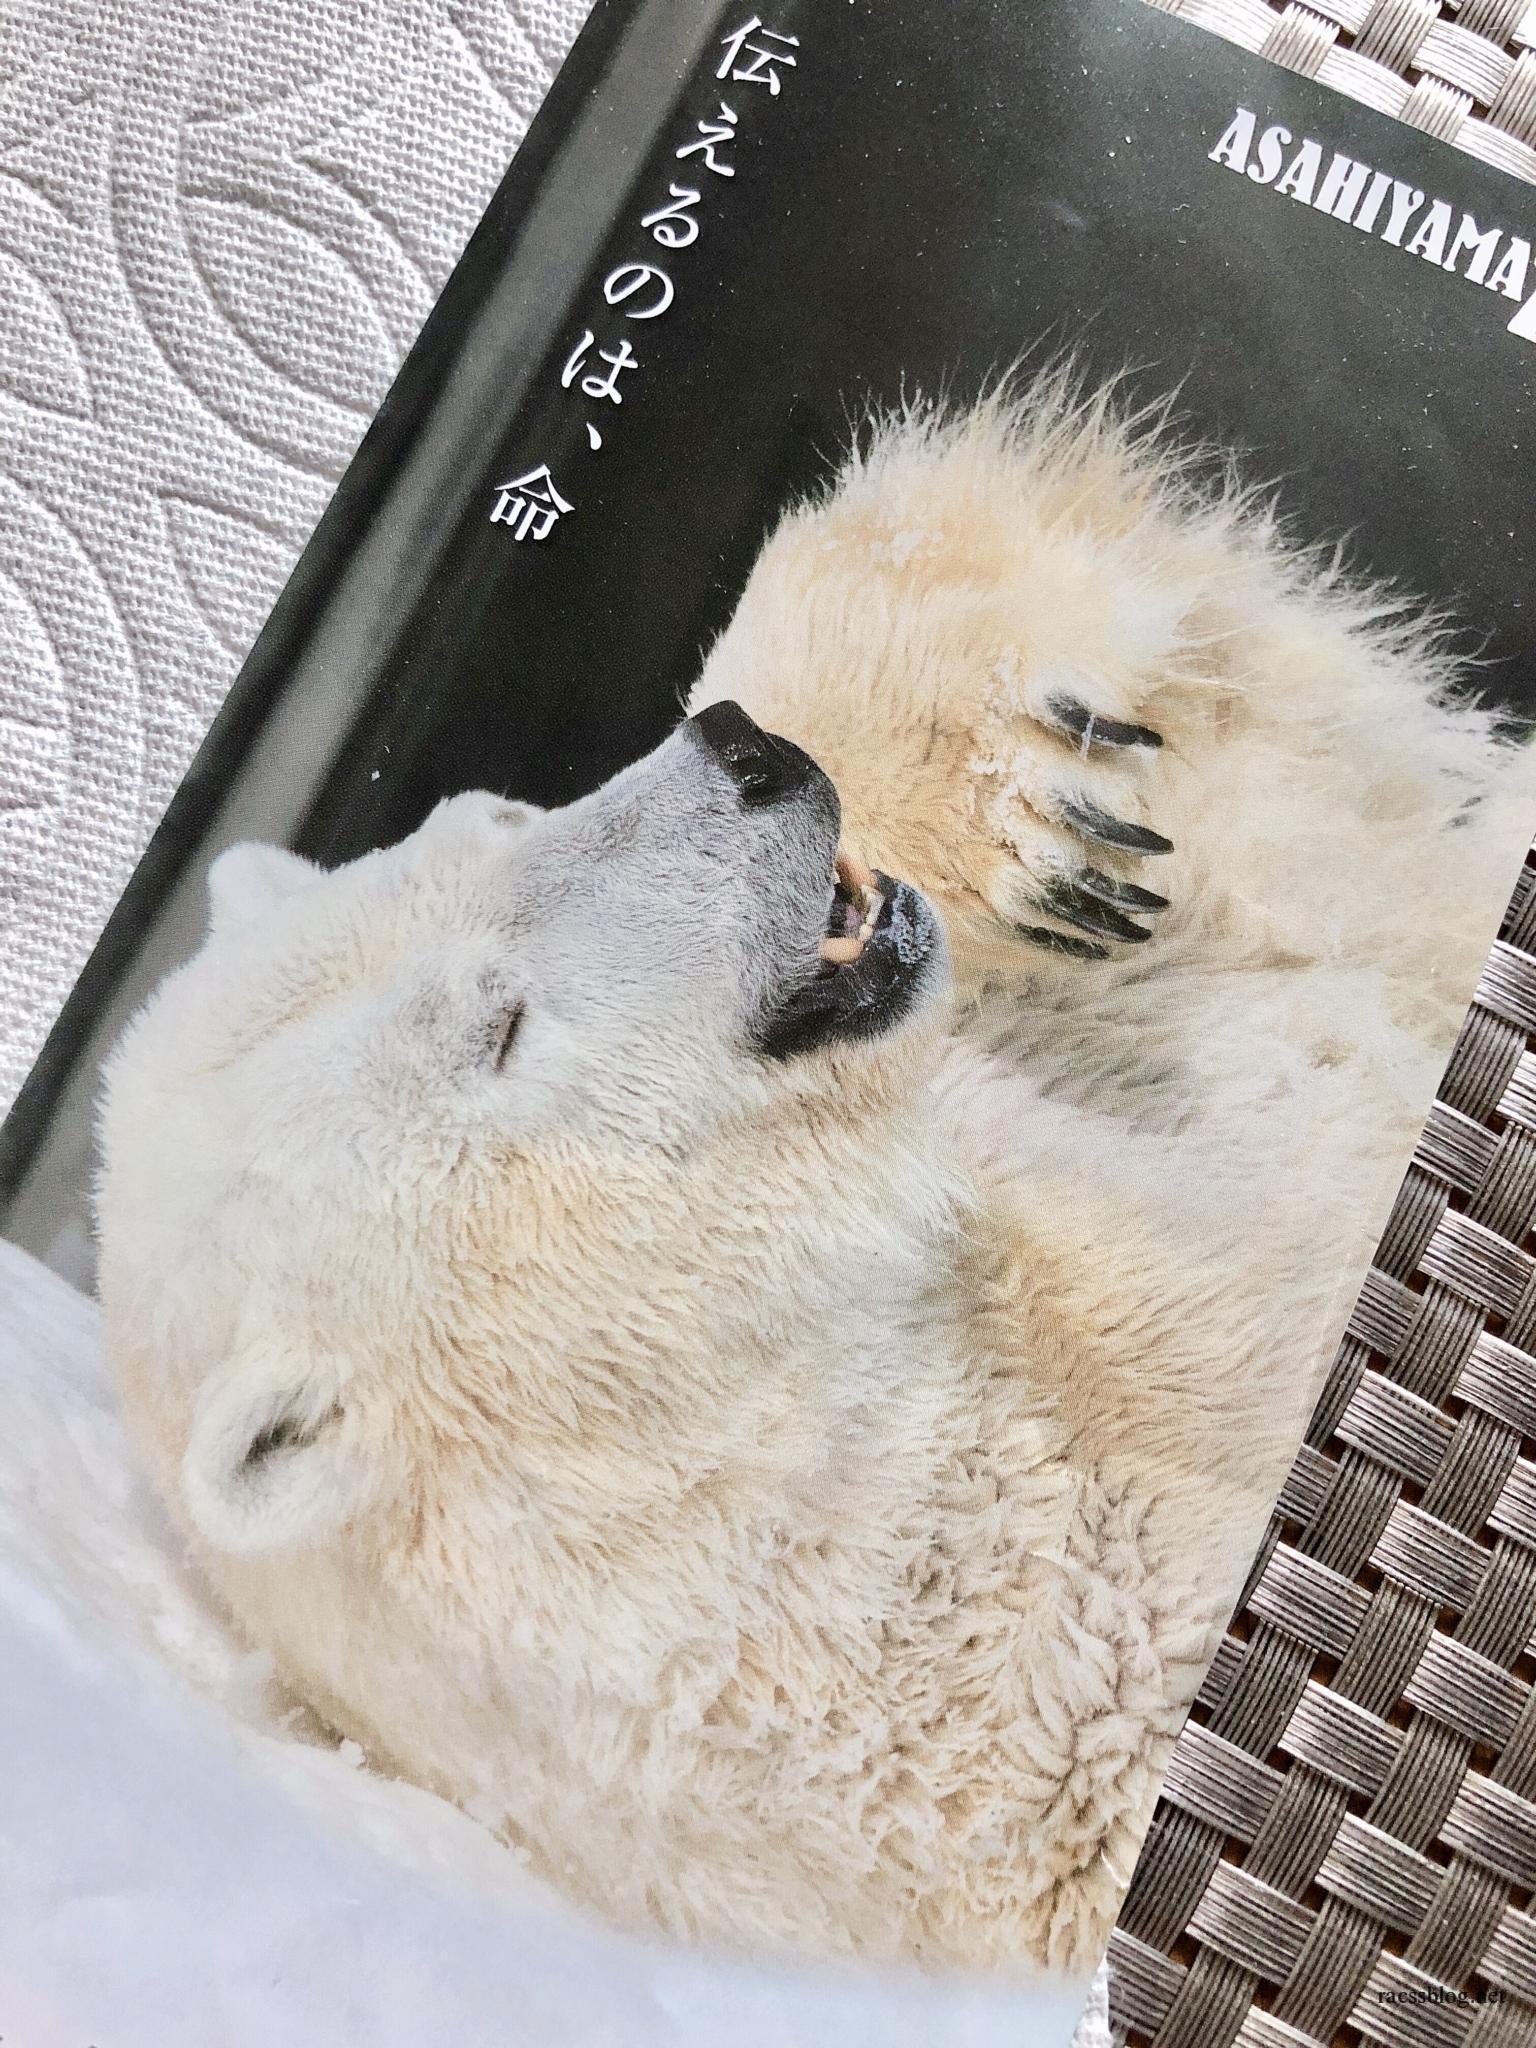 旭山動物園は一日じゃ足りない!次の日も見れるお得なチケットとは?3つの割引購入方法から選んでね